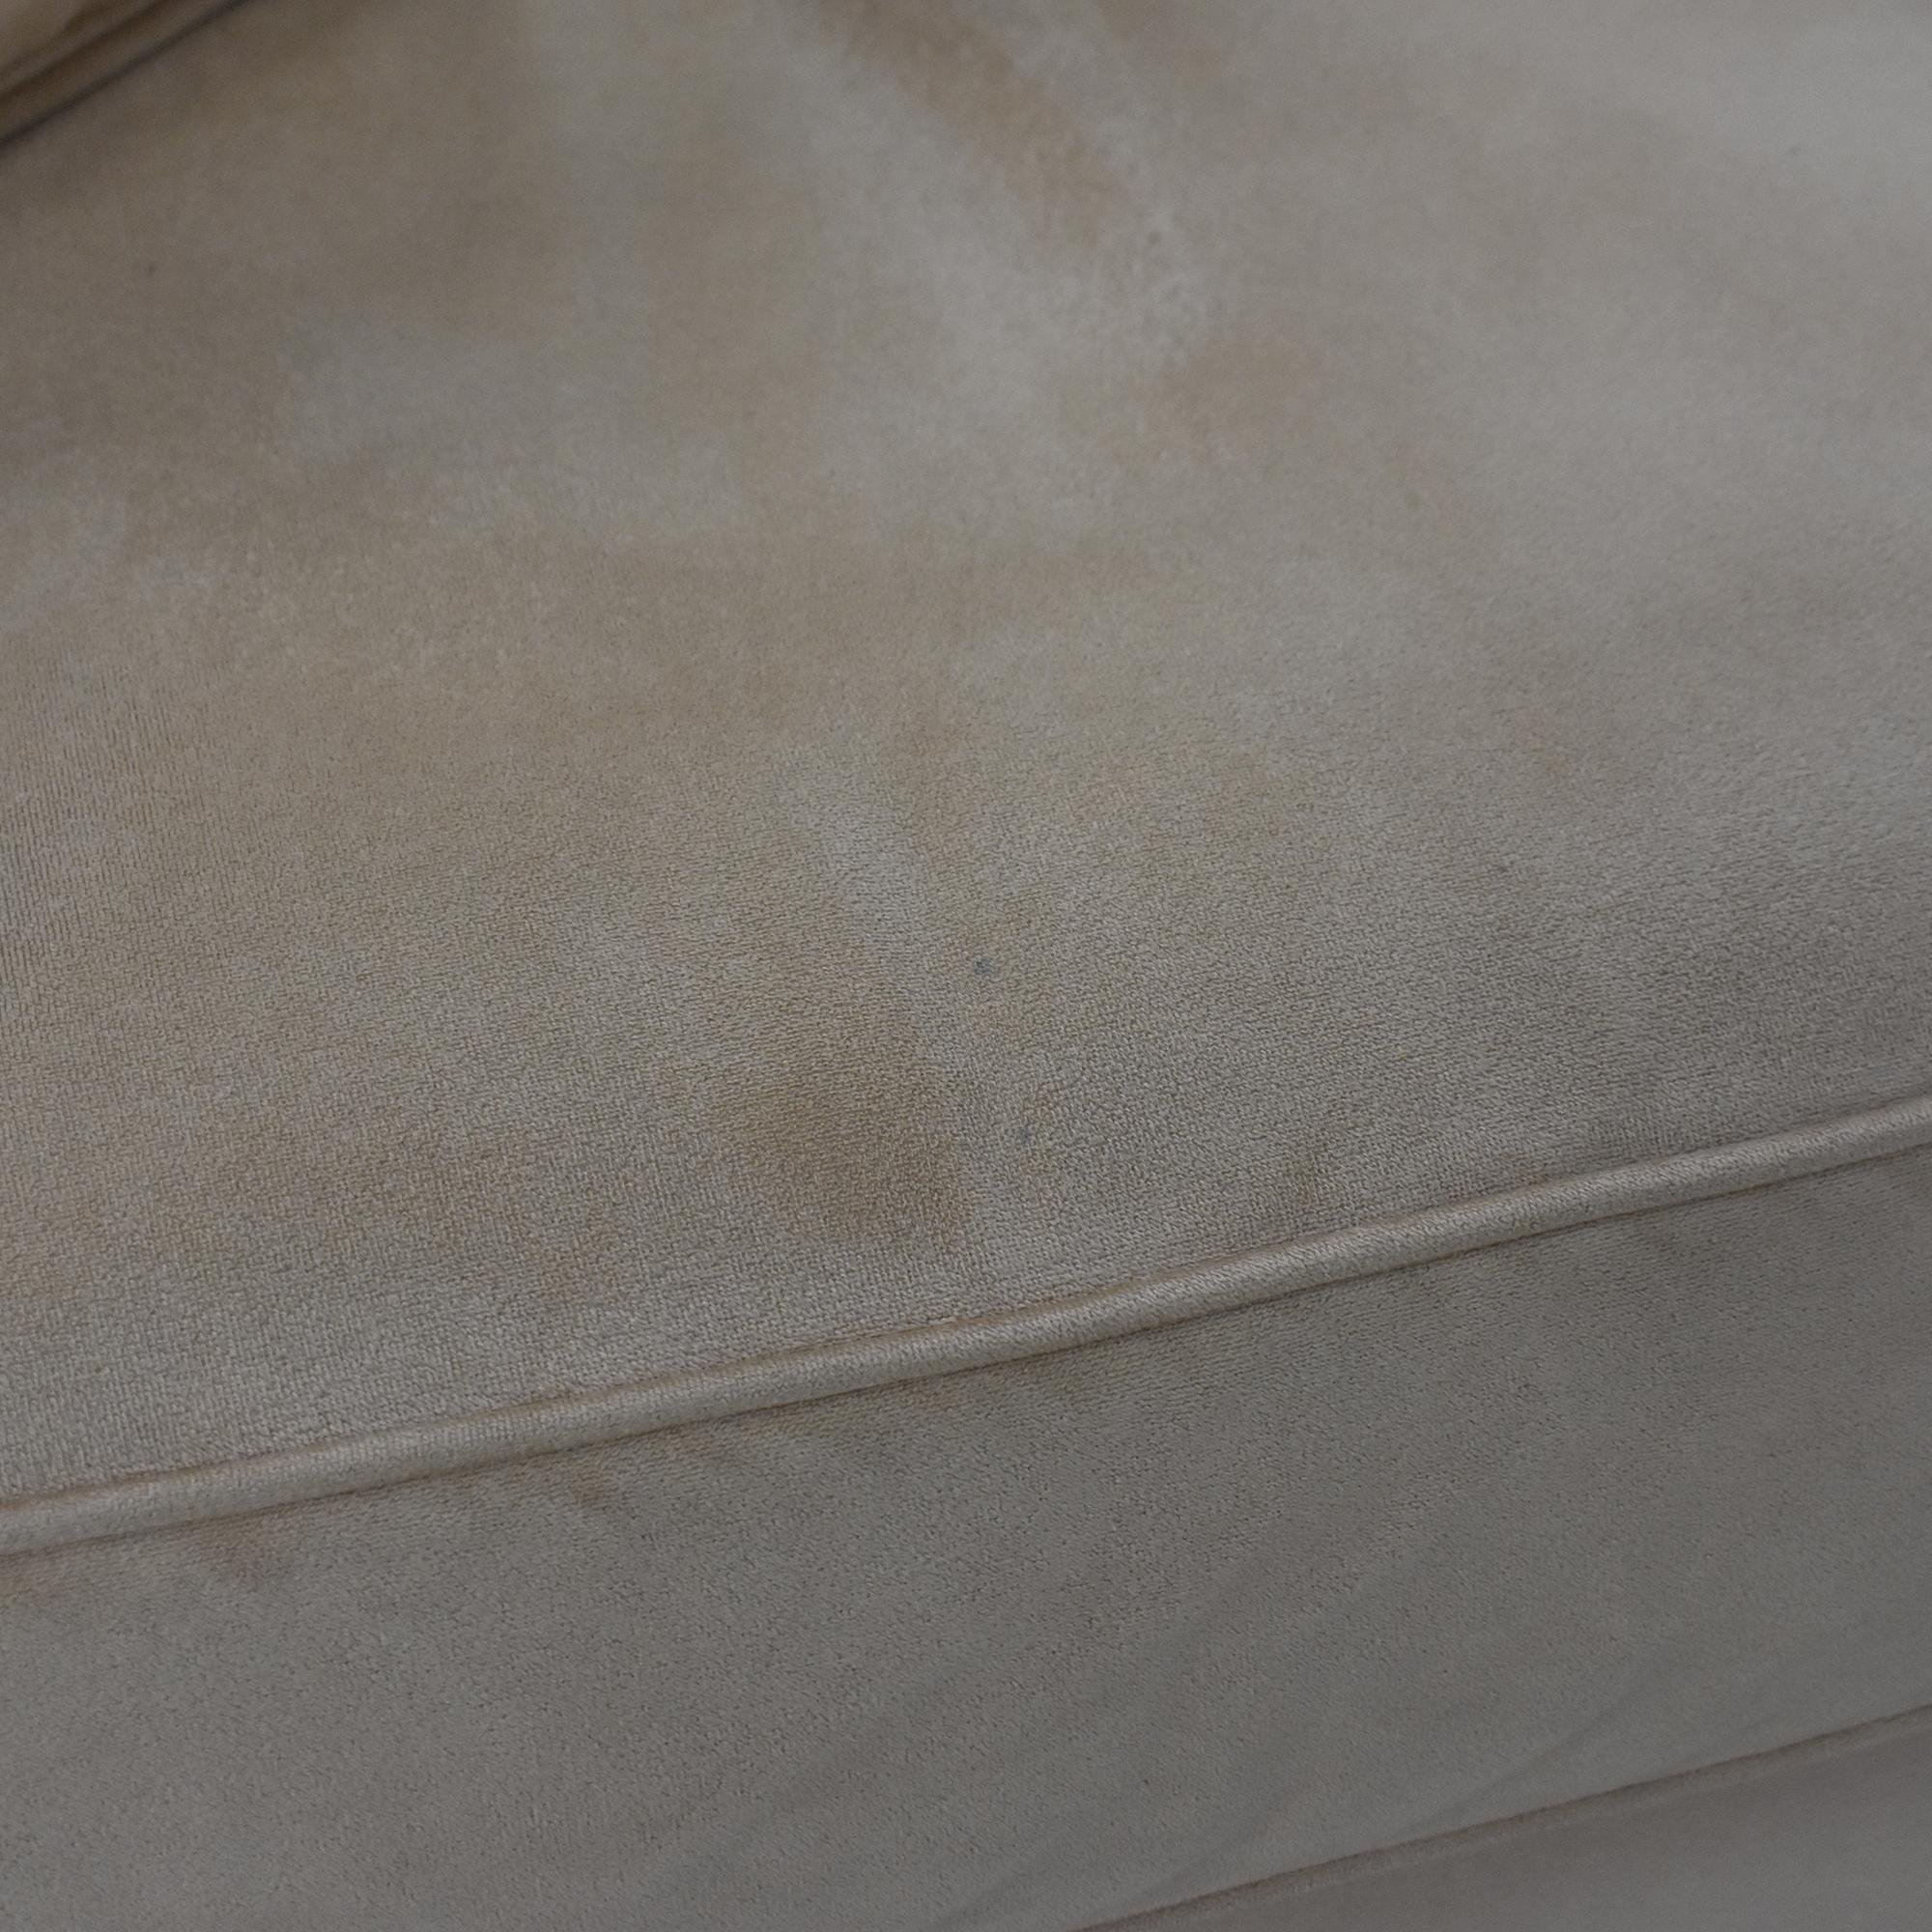 Raymour & Flanigan Sectional Sofa / Sofas